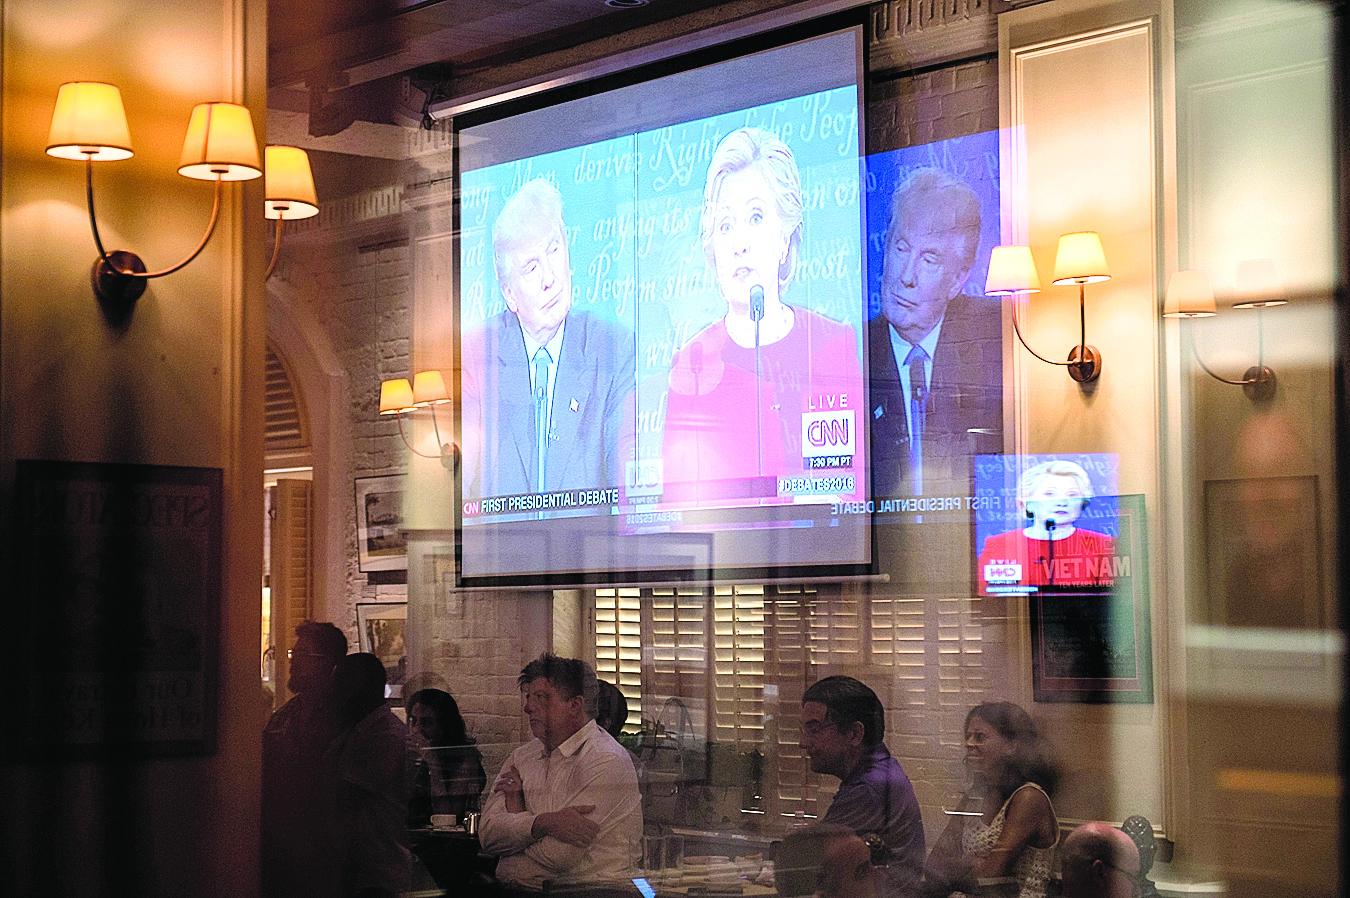 美國總統大選首場電視辯論吸引超過8千萬觀眾收看,打破歷屆紀錄。(AFP)